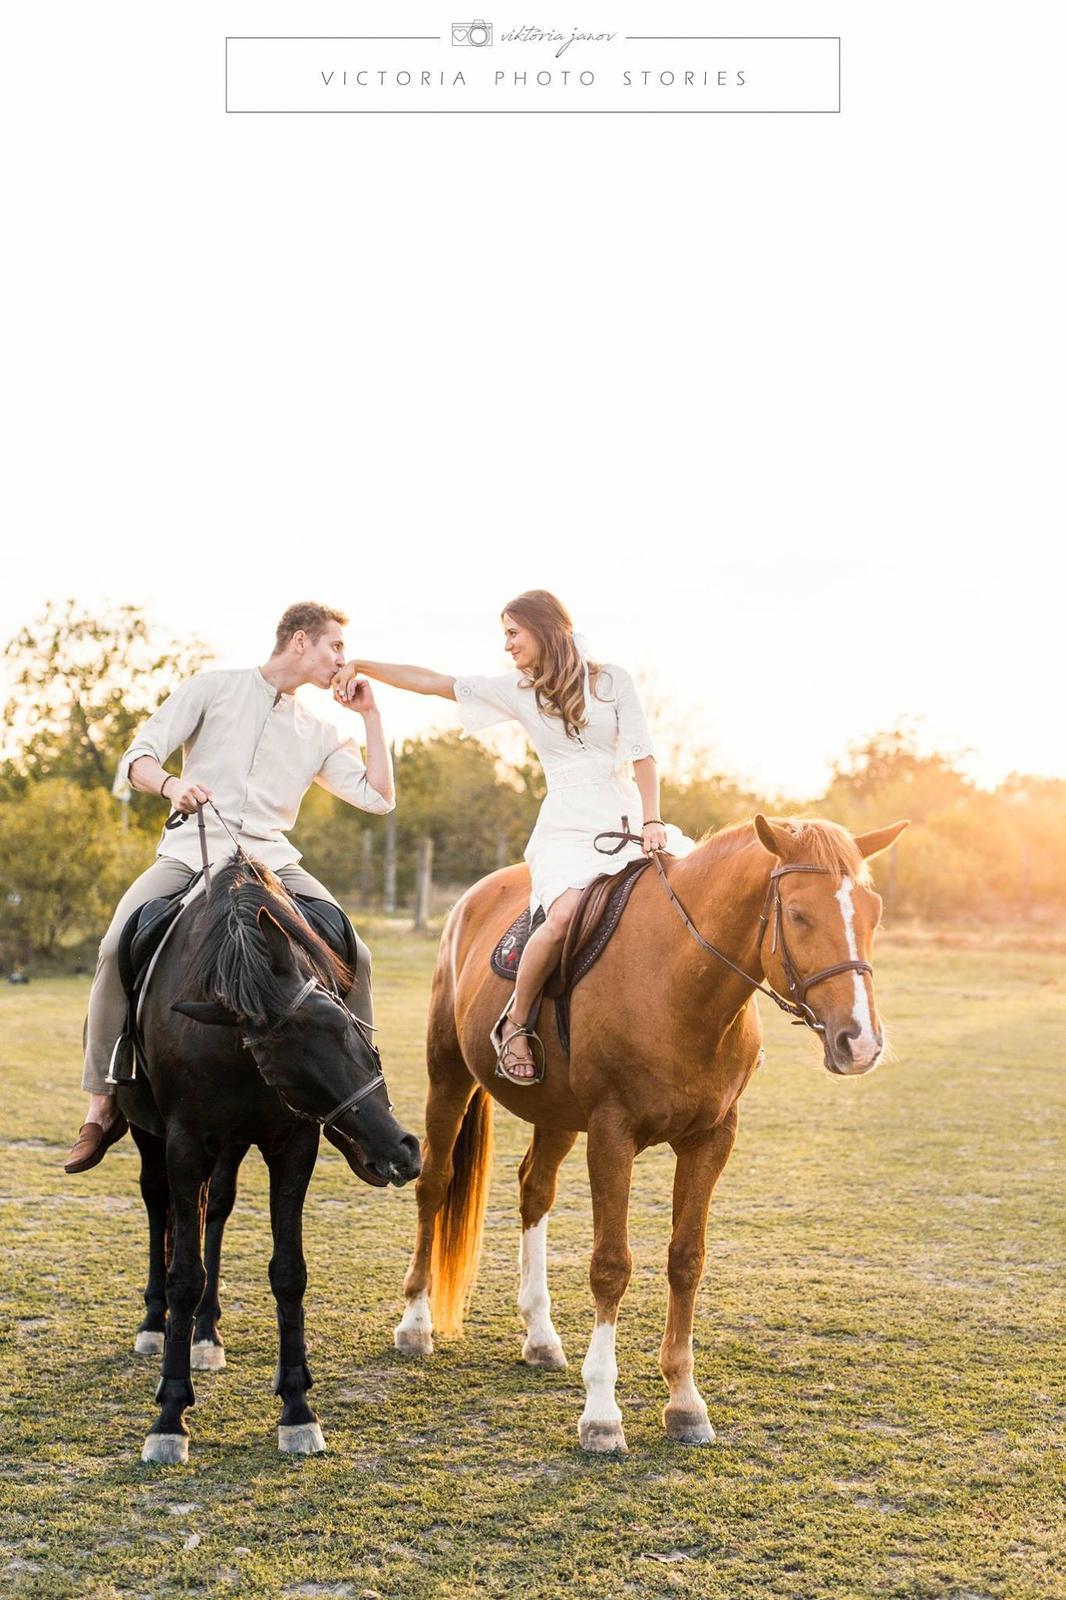 Predsvadobné fotenie s koníkmi  :) - Obrázok č. 12